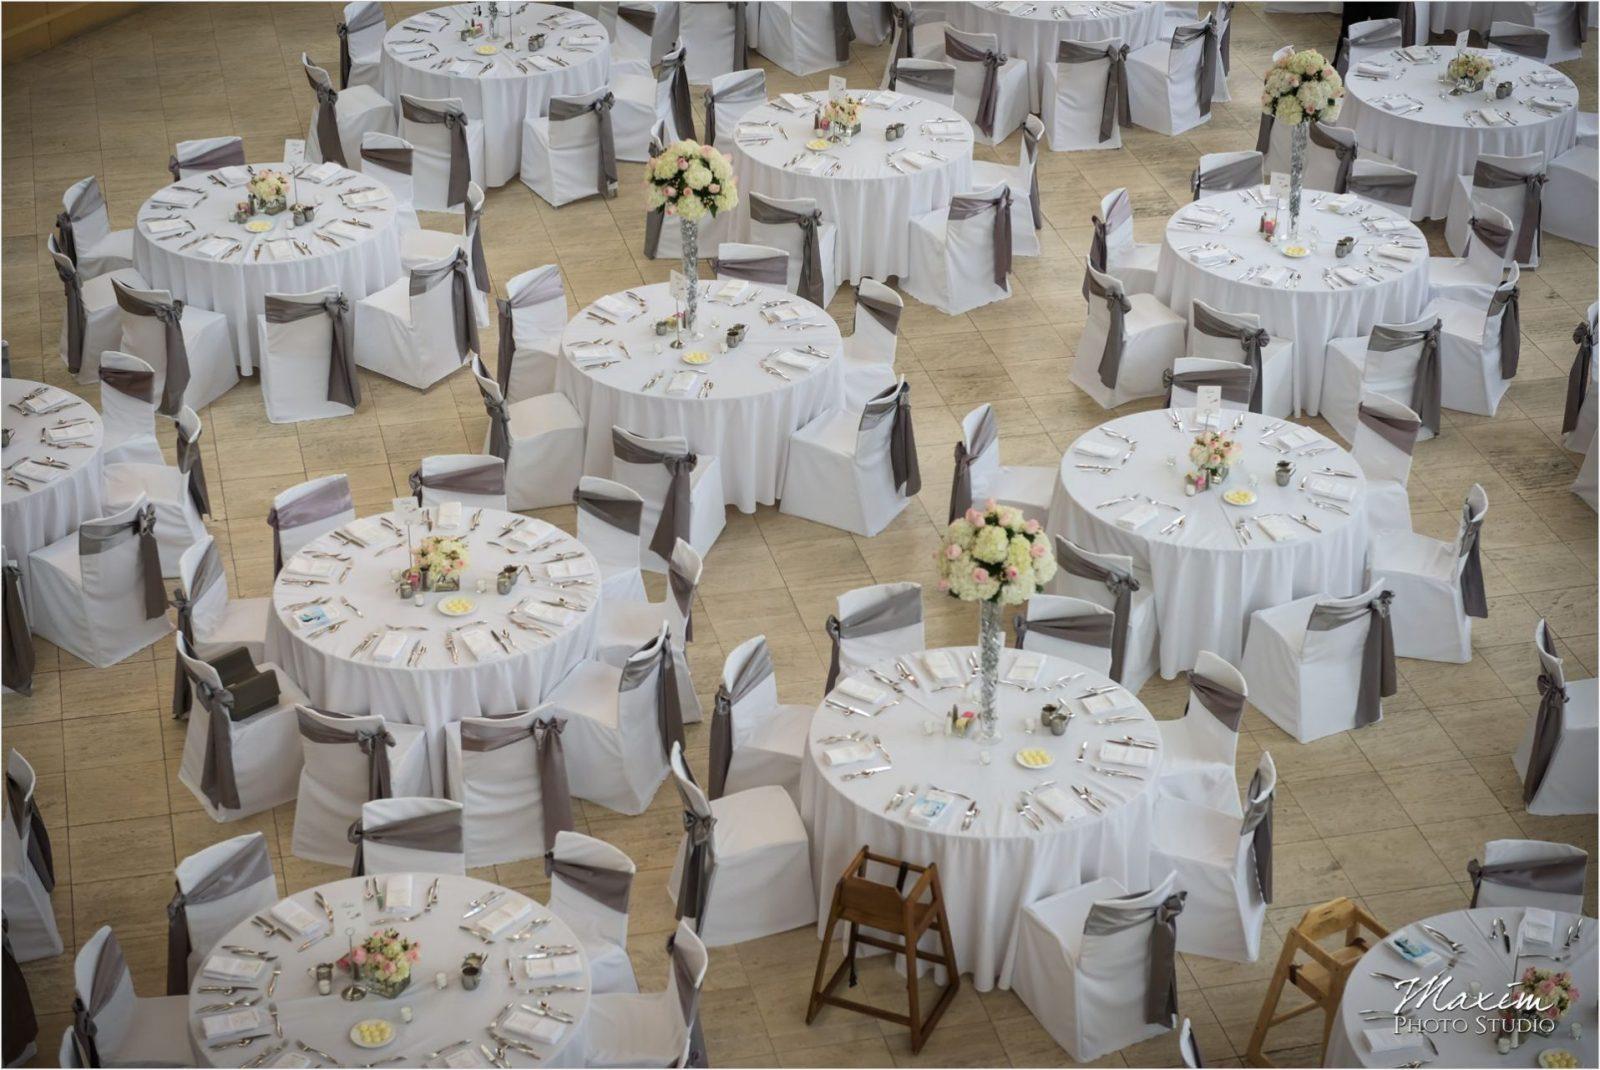 Schuster Center Wedding Reception